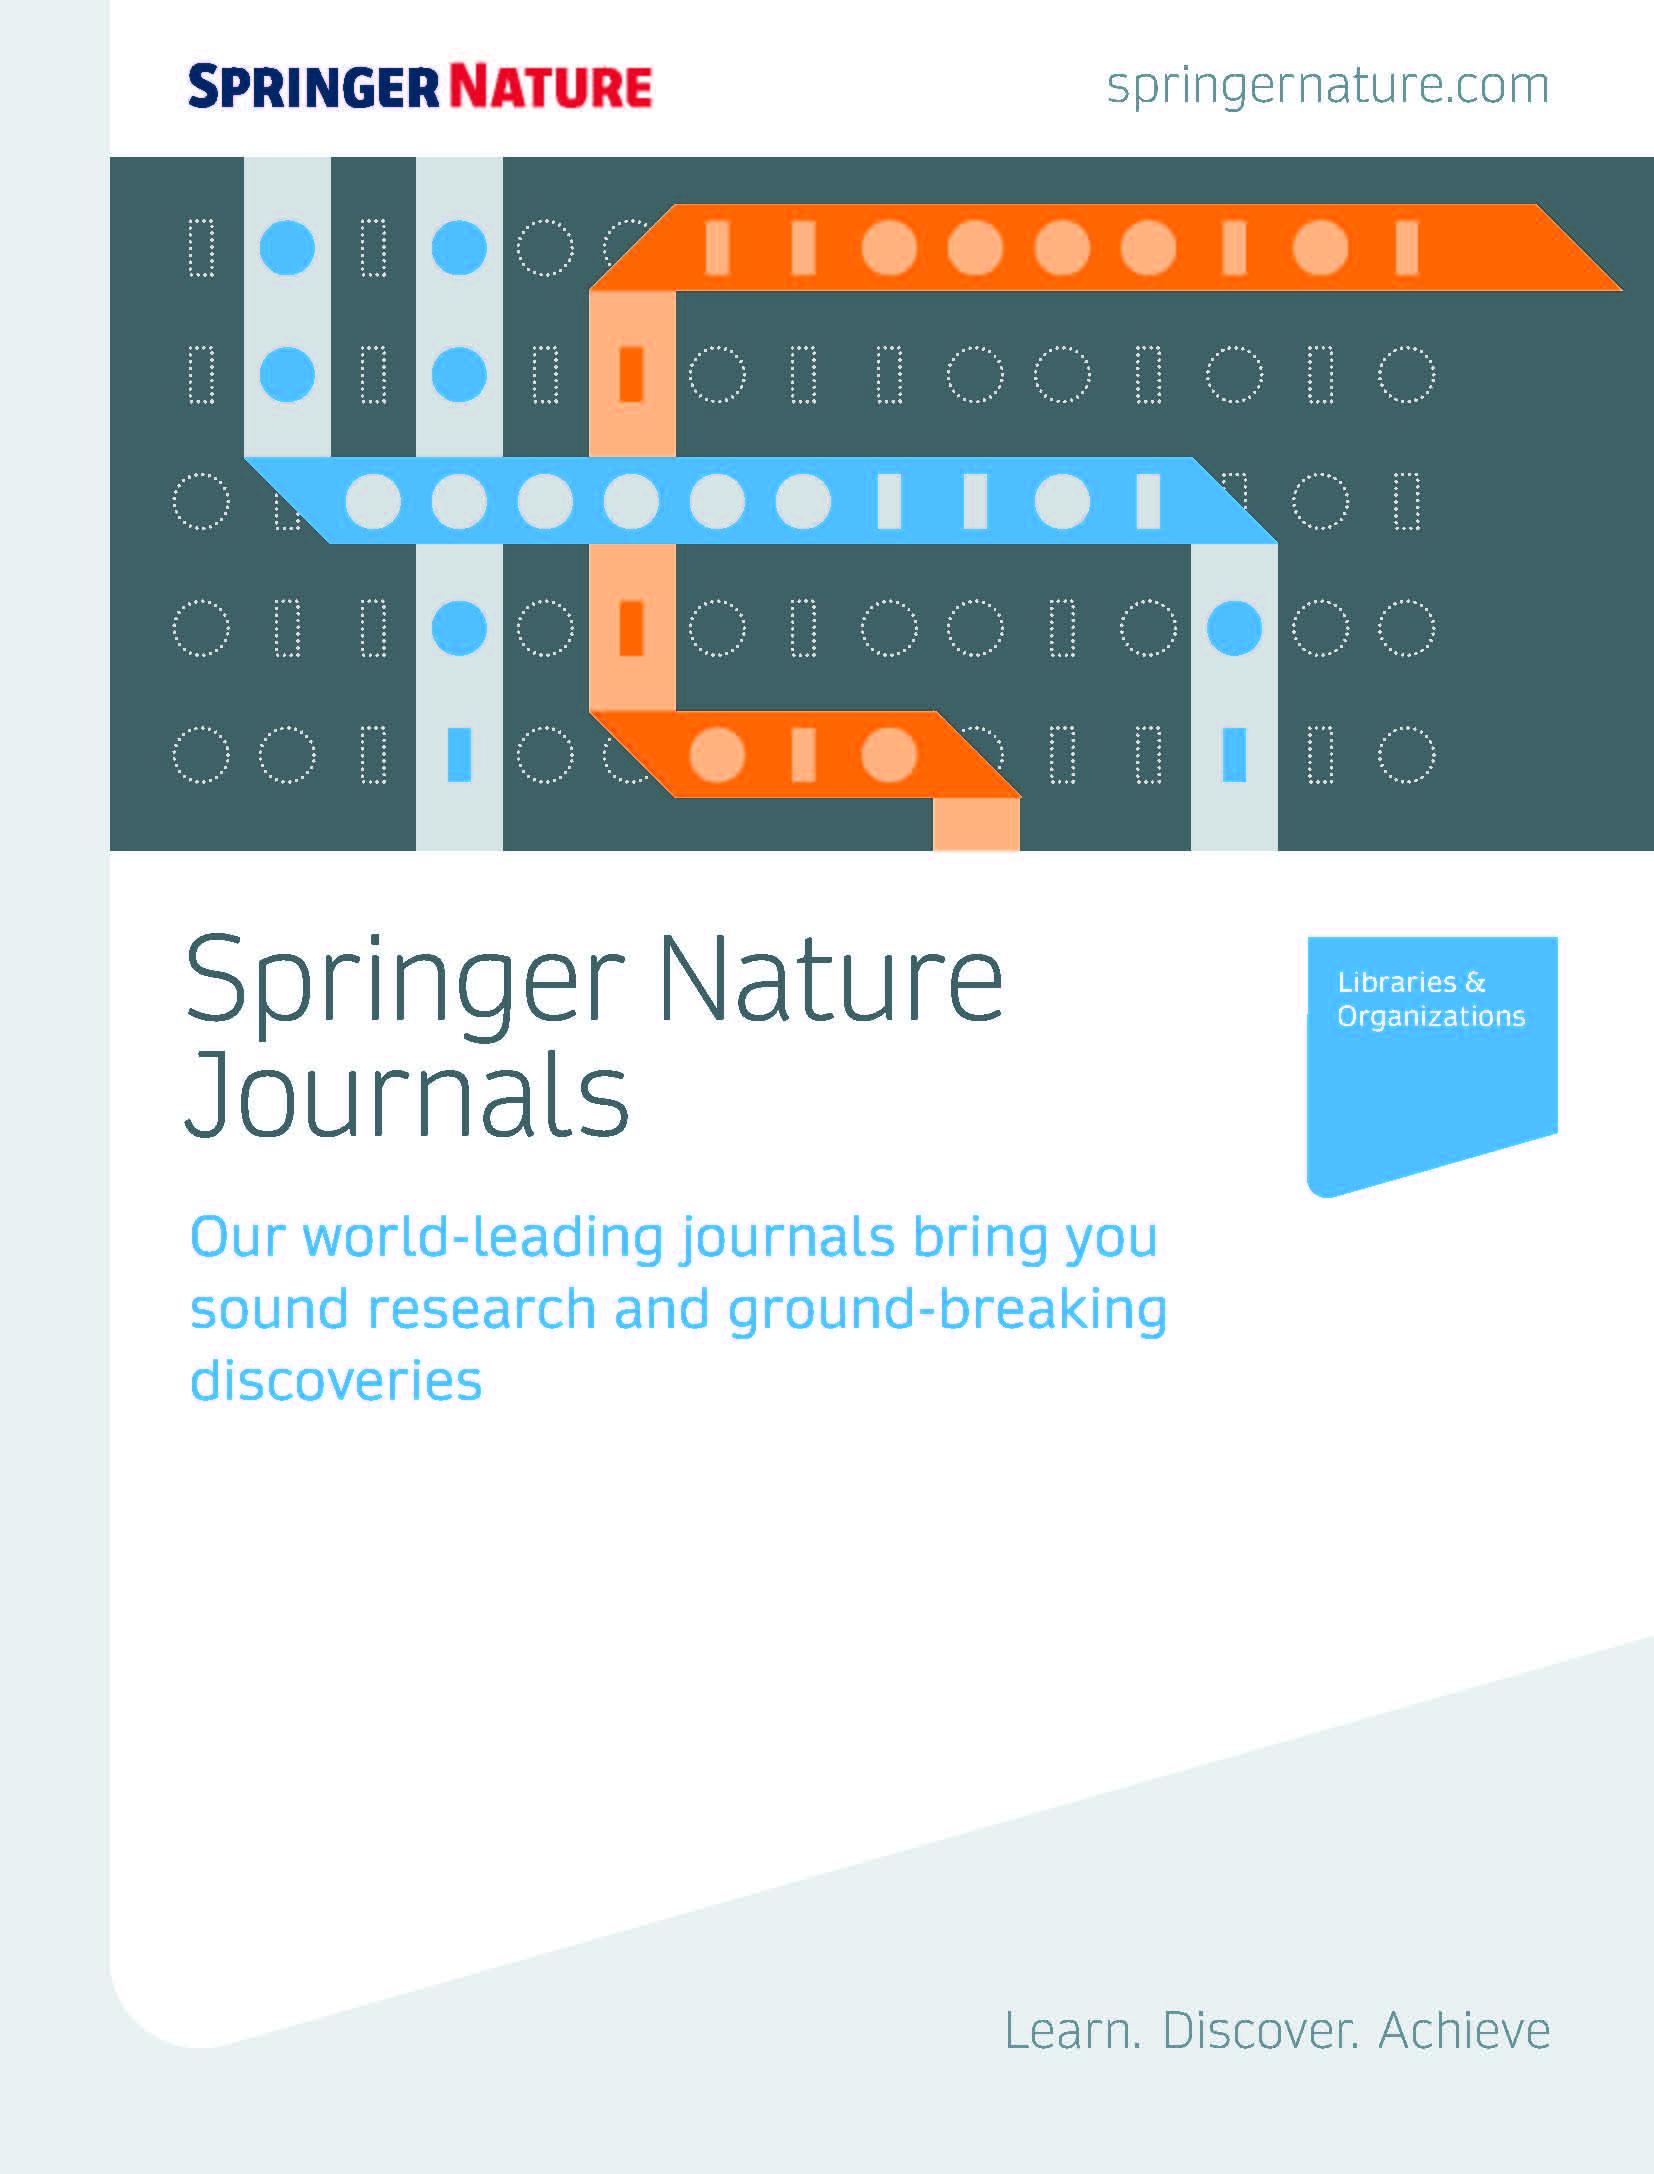 SpringerNature Overview